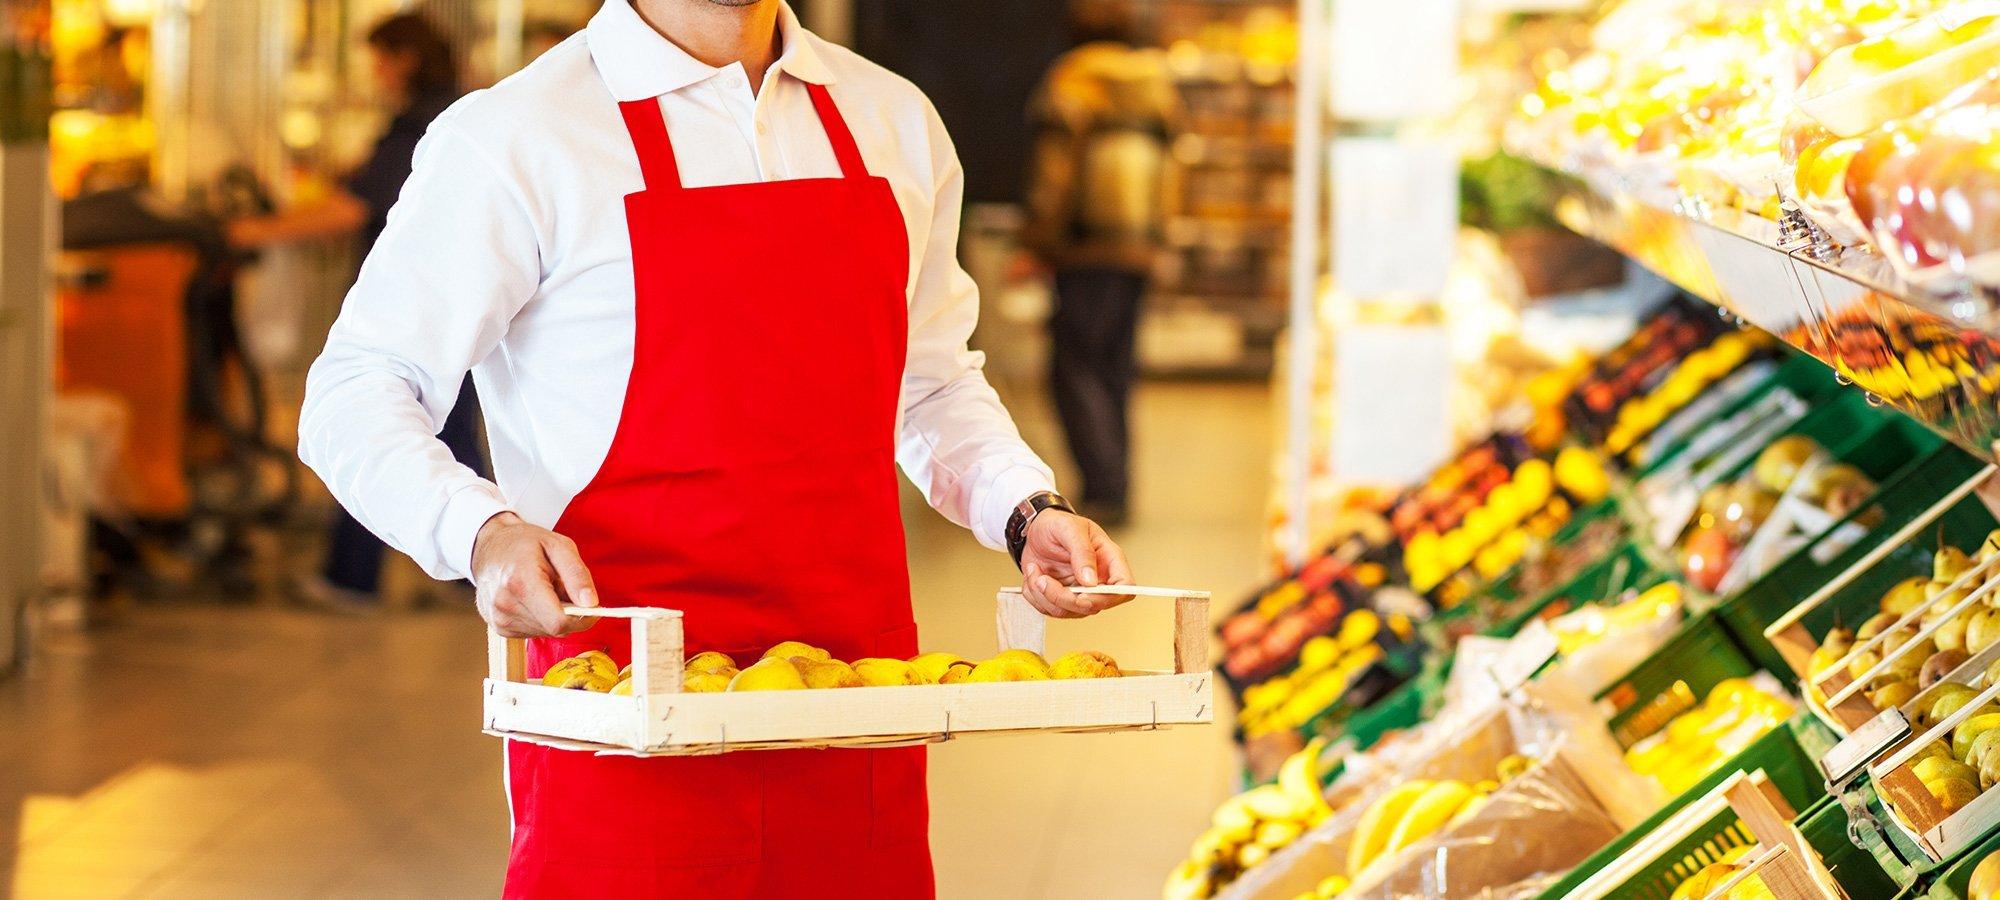 un addetto in un supermercato